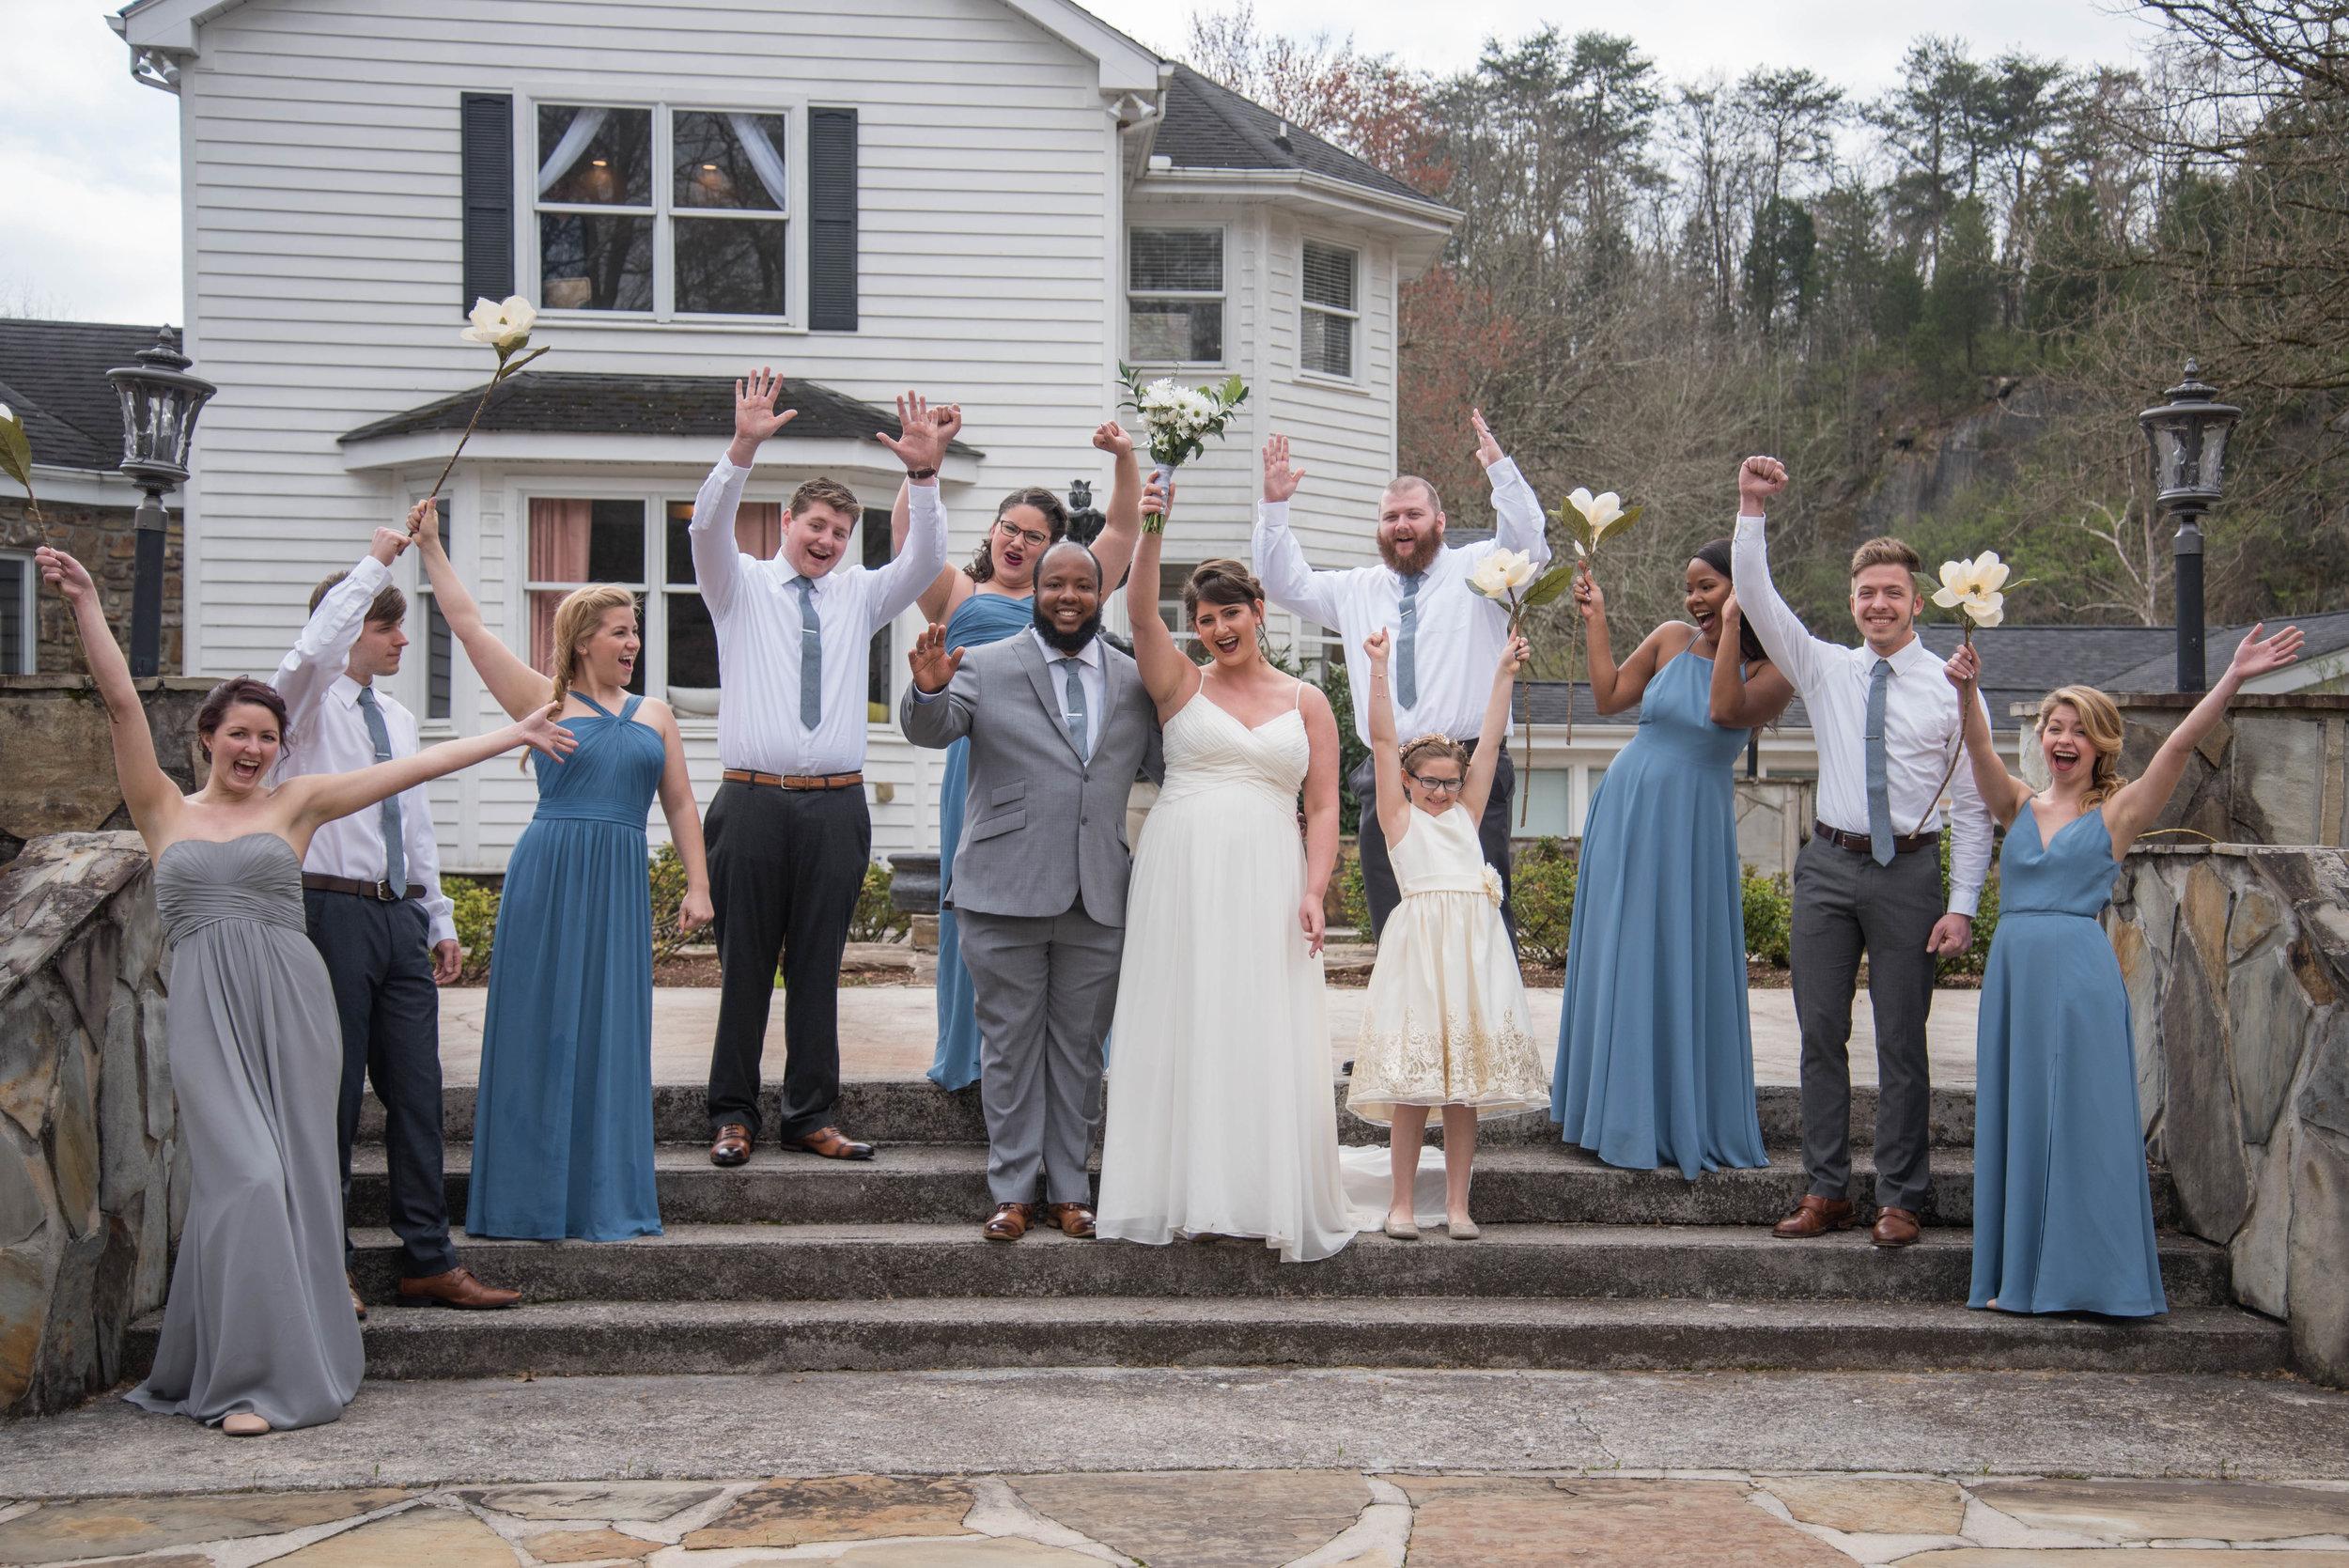 weddingparty-094.jpg